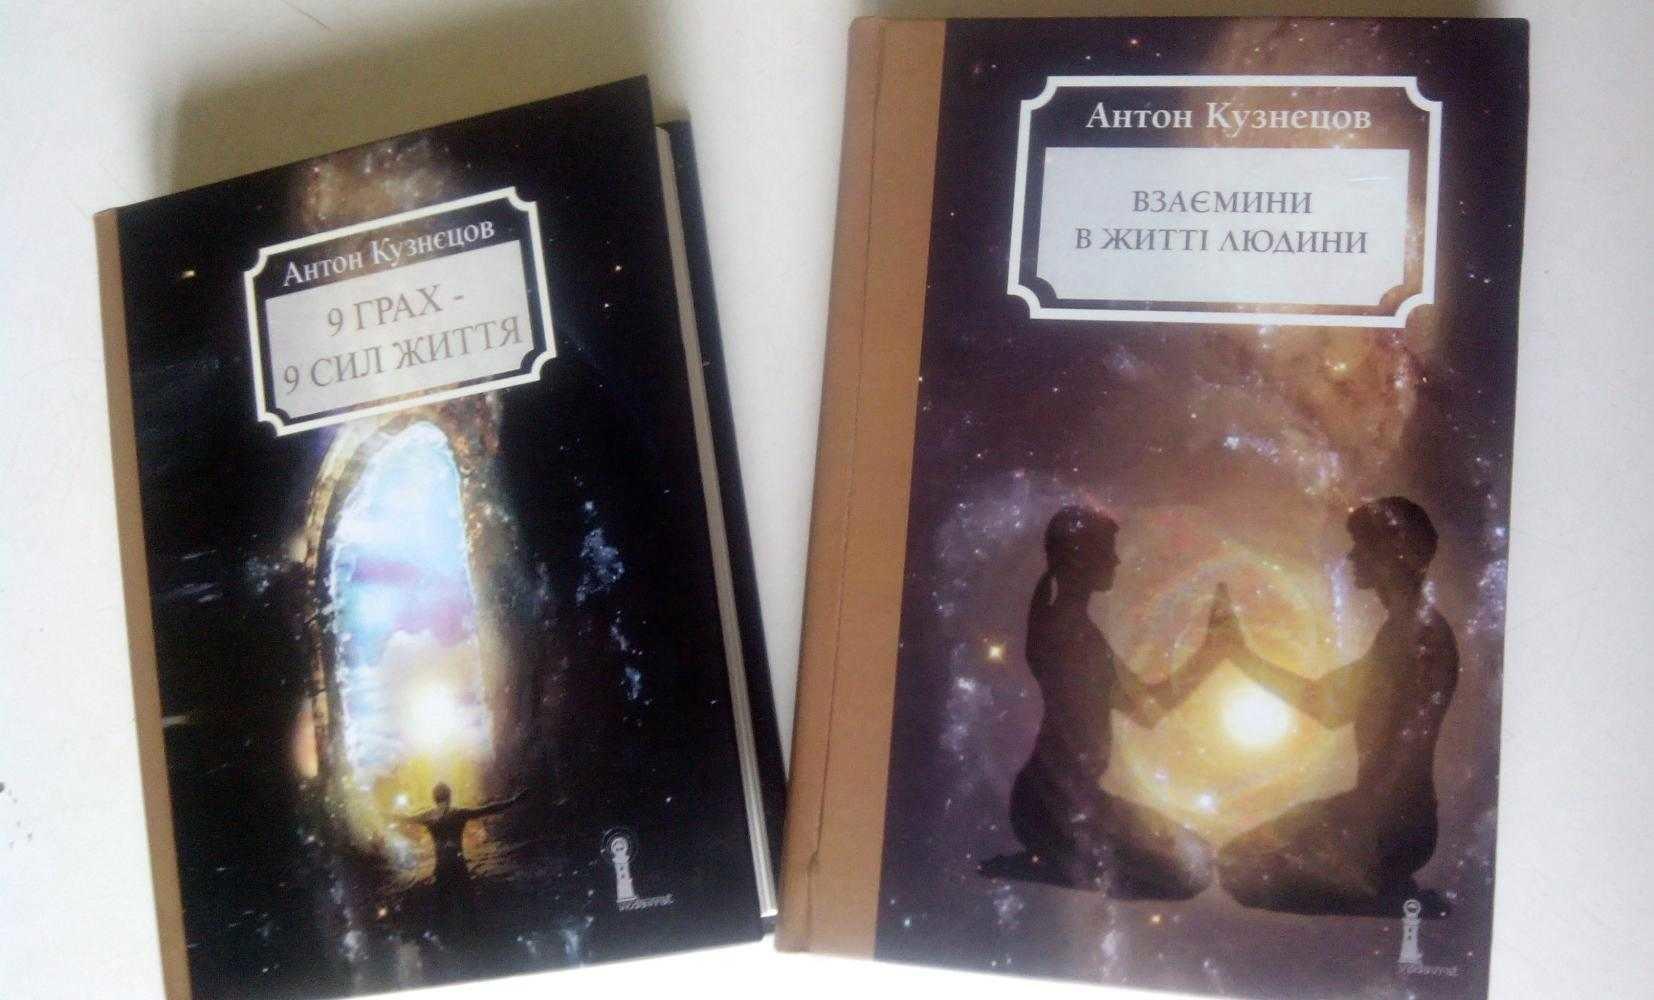 *** Антон Кузнецов - книги о знаннях життя, о Принципах і технологіях Тантра-Джйотішу ***